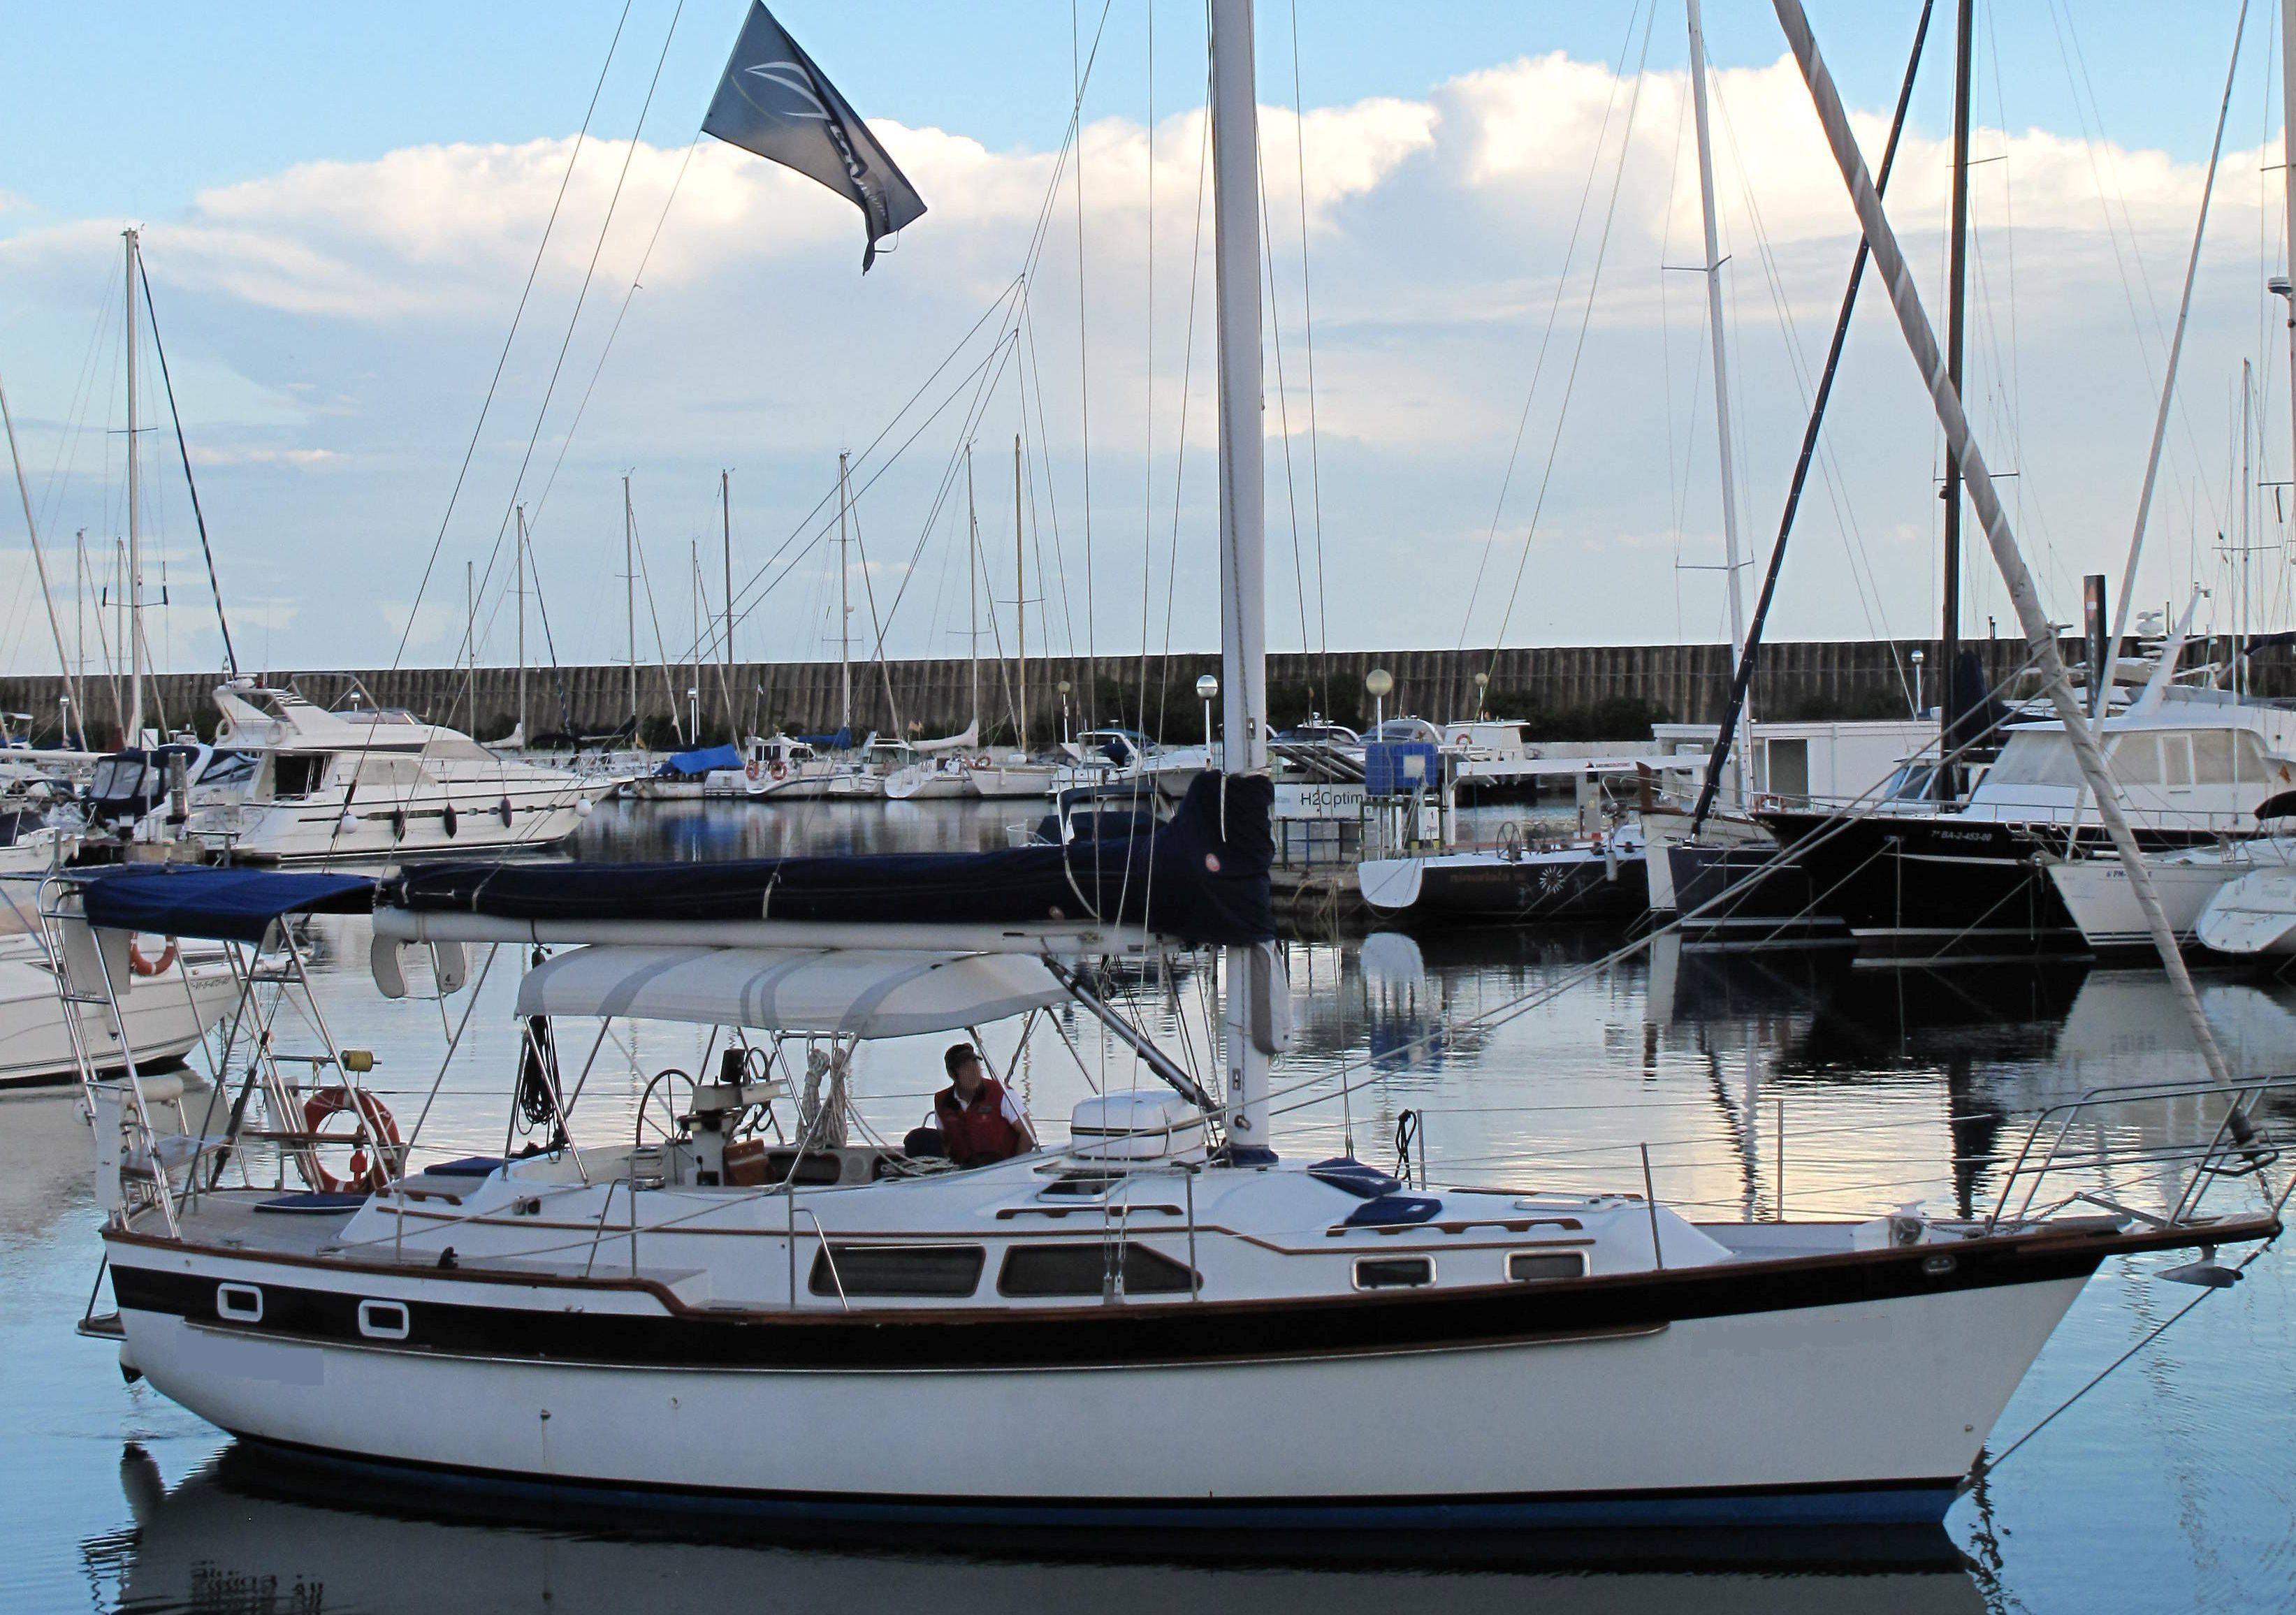 1990 Irwin 38 Sail Boat For Sale Wwwyachtworldcom